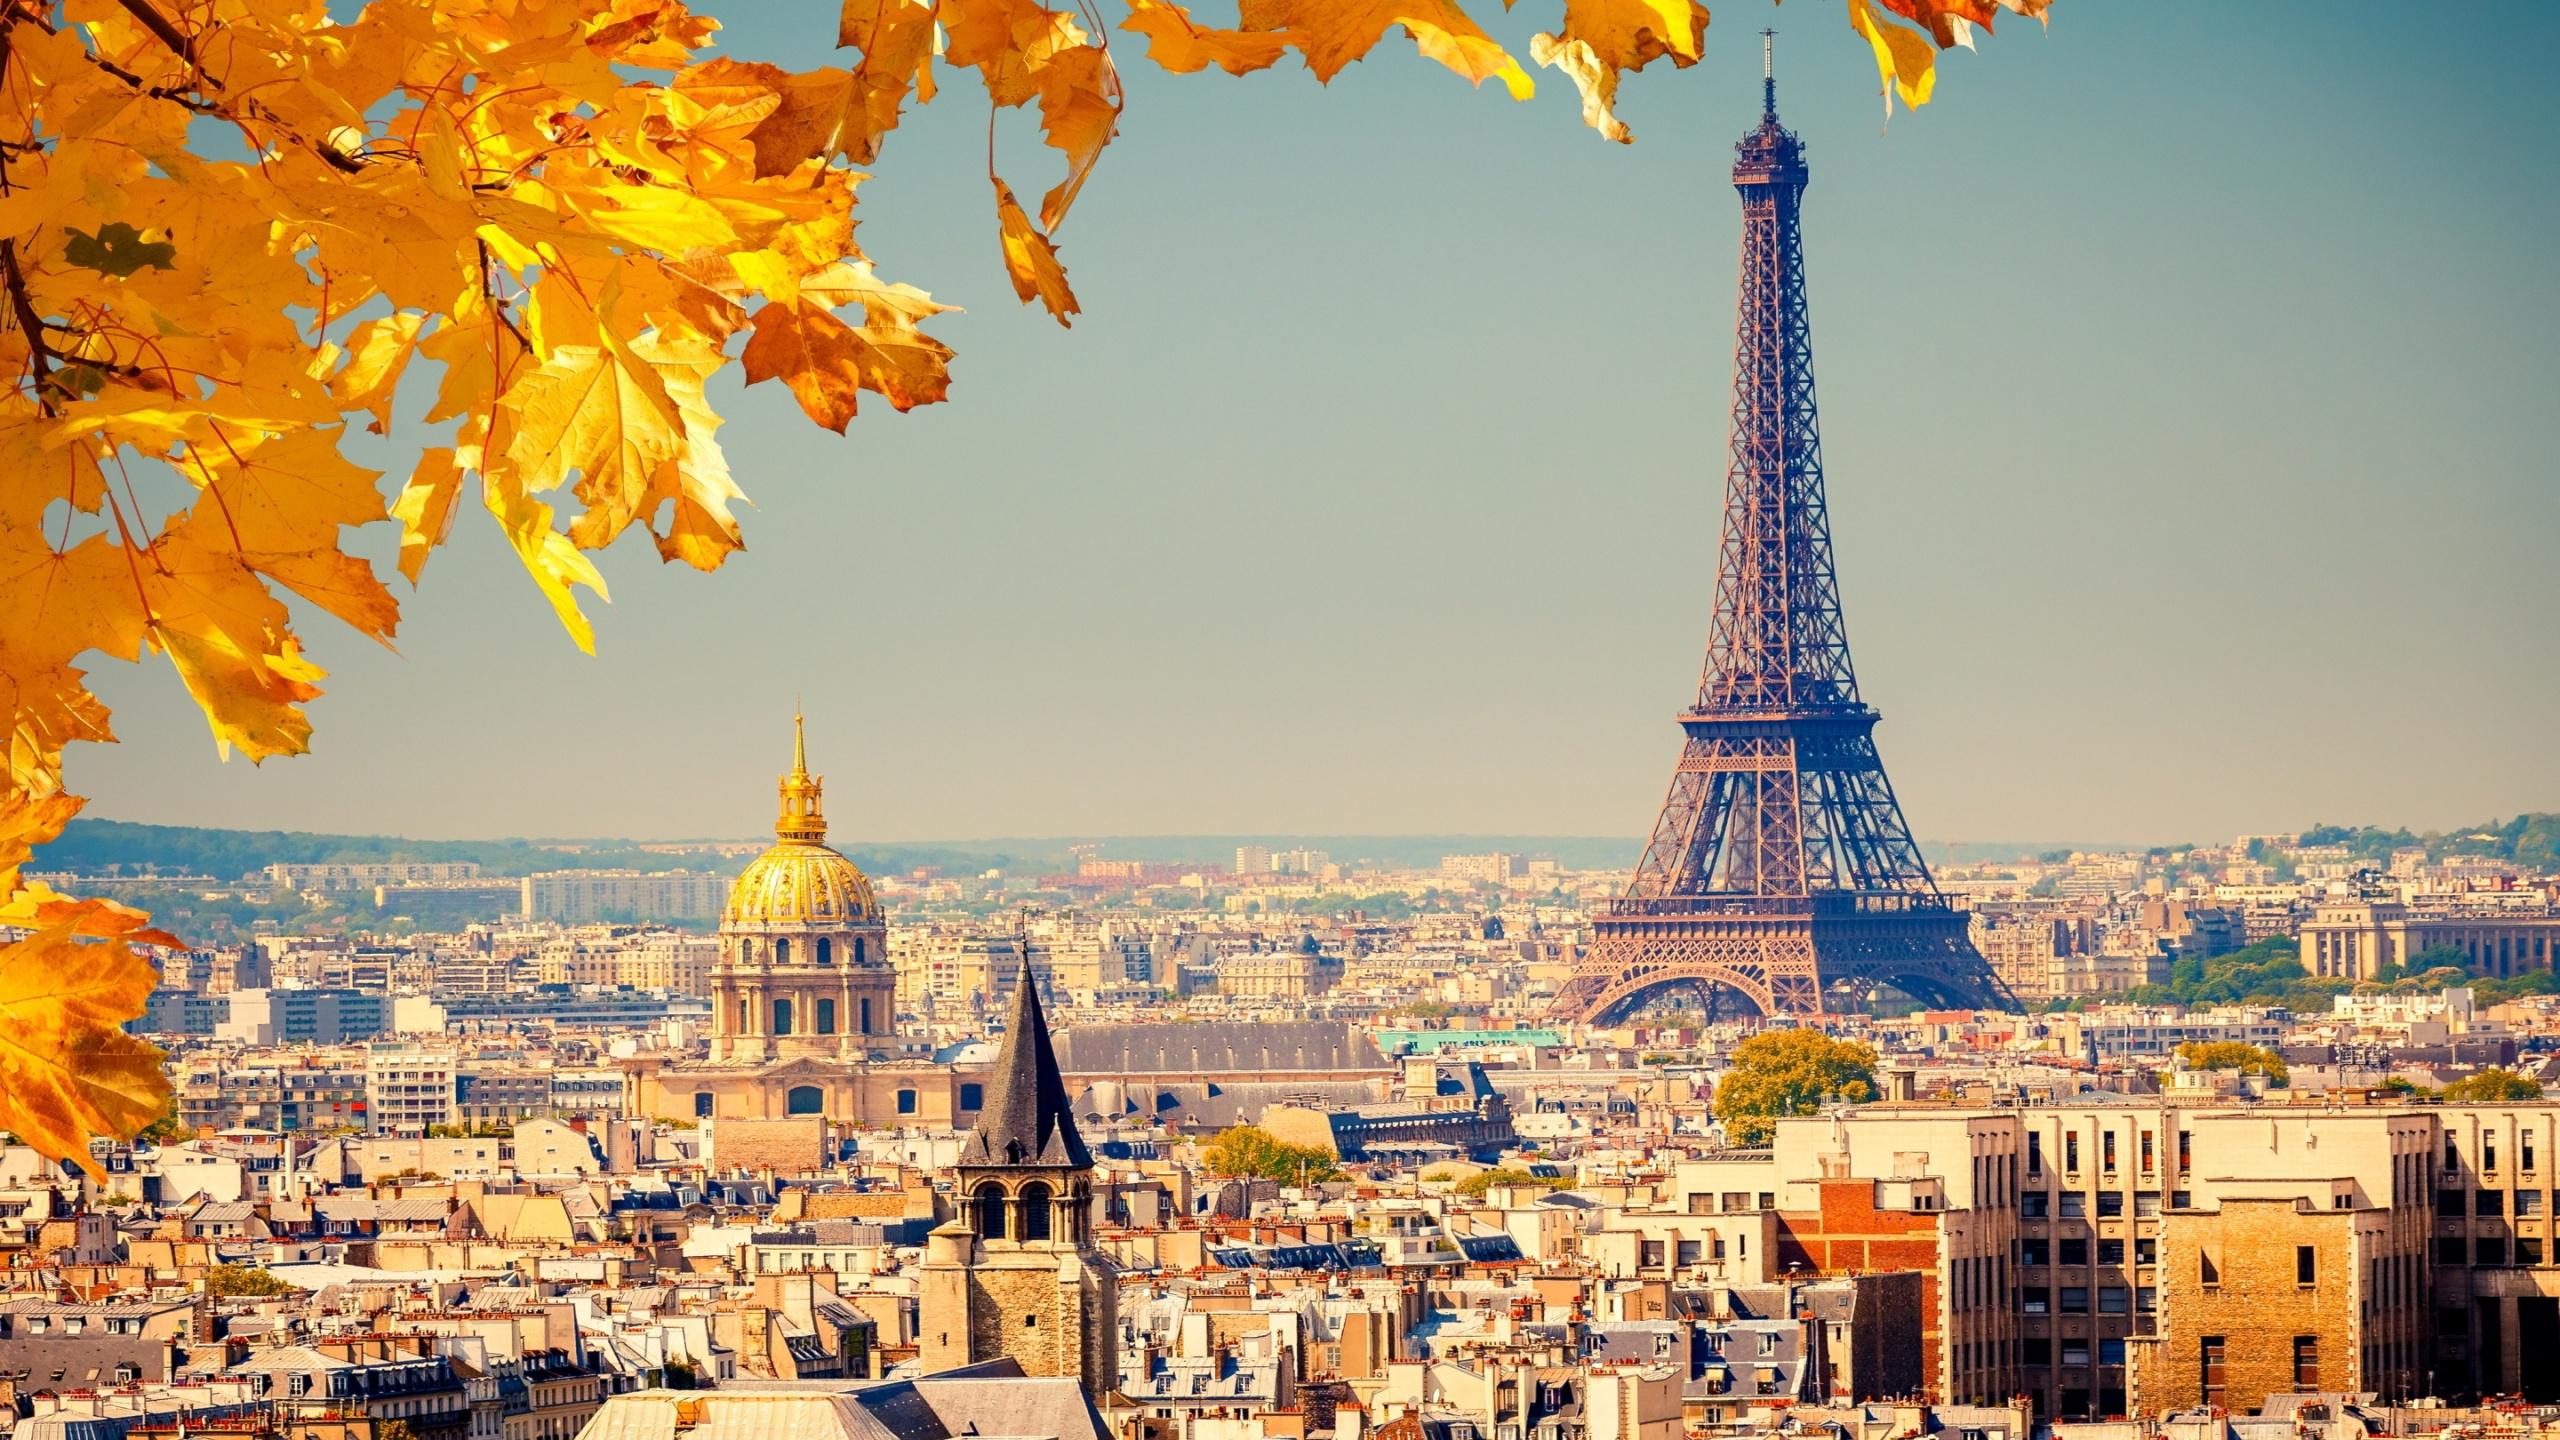 تور اروپا ( پاریس + لوزان ) – ۱۰ مرداد